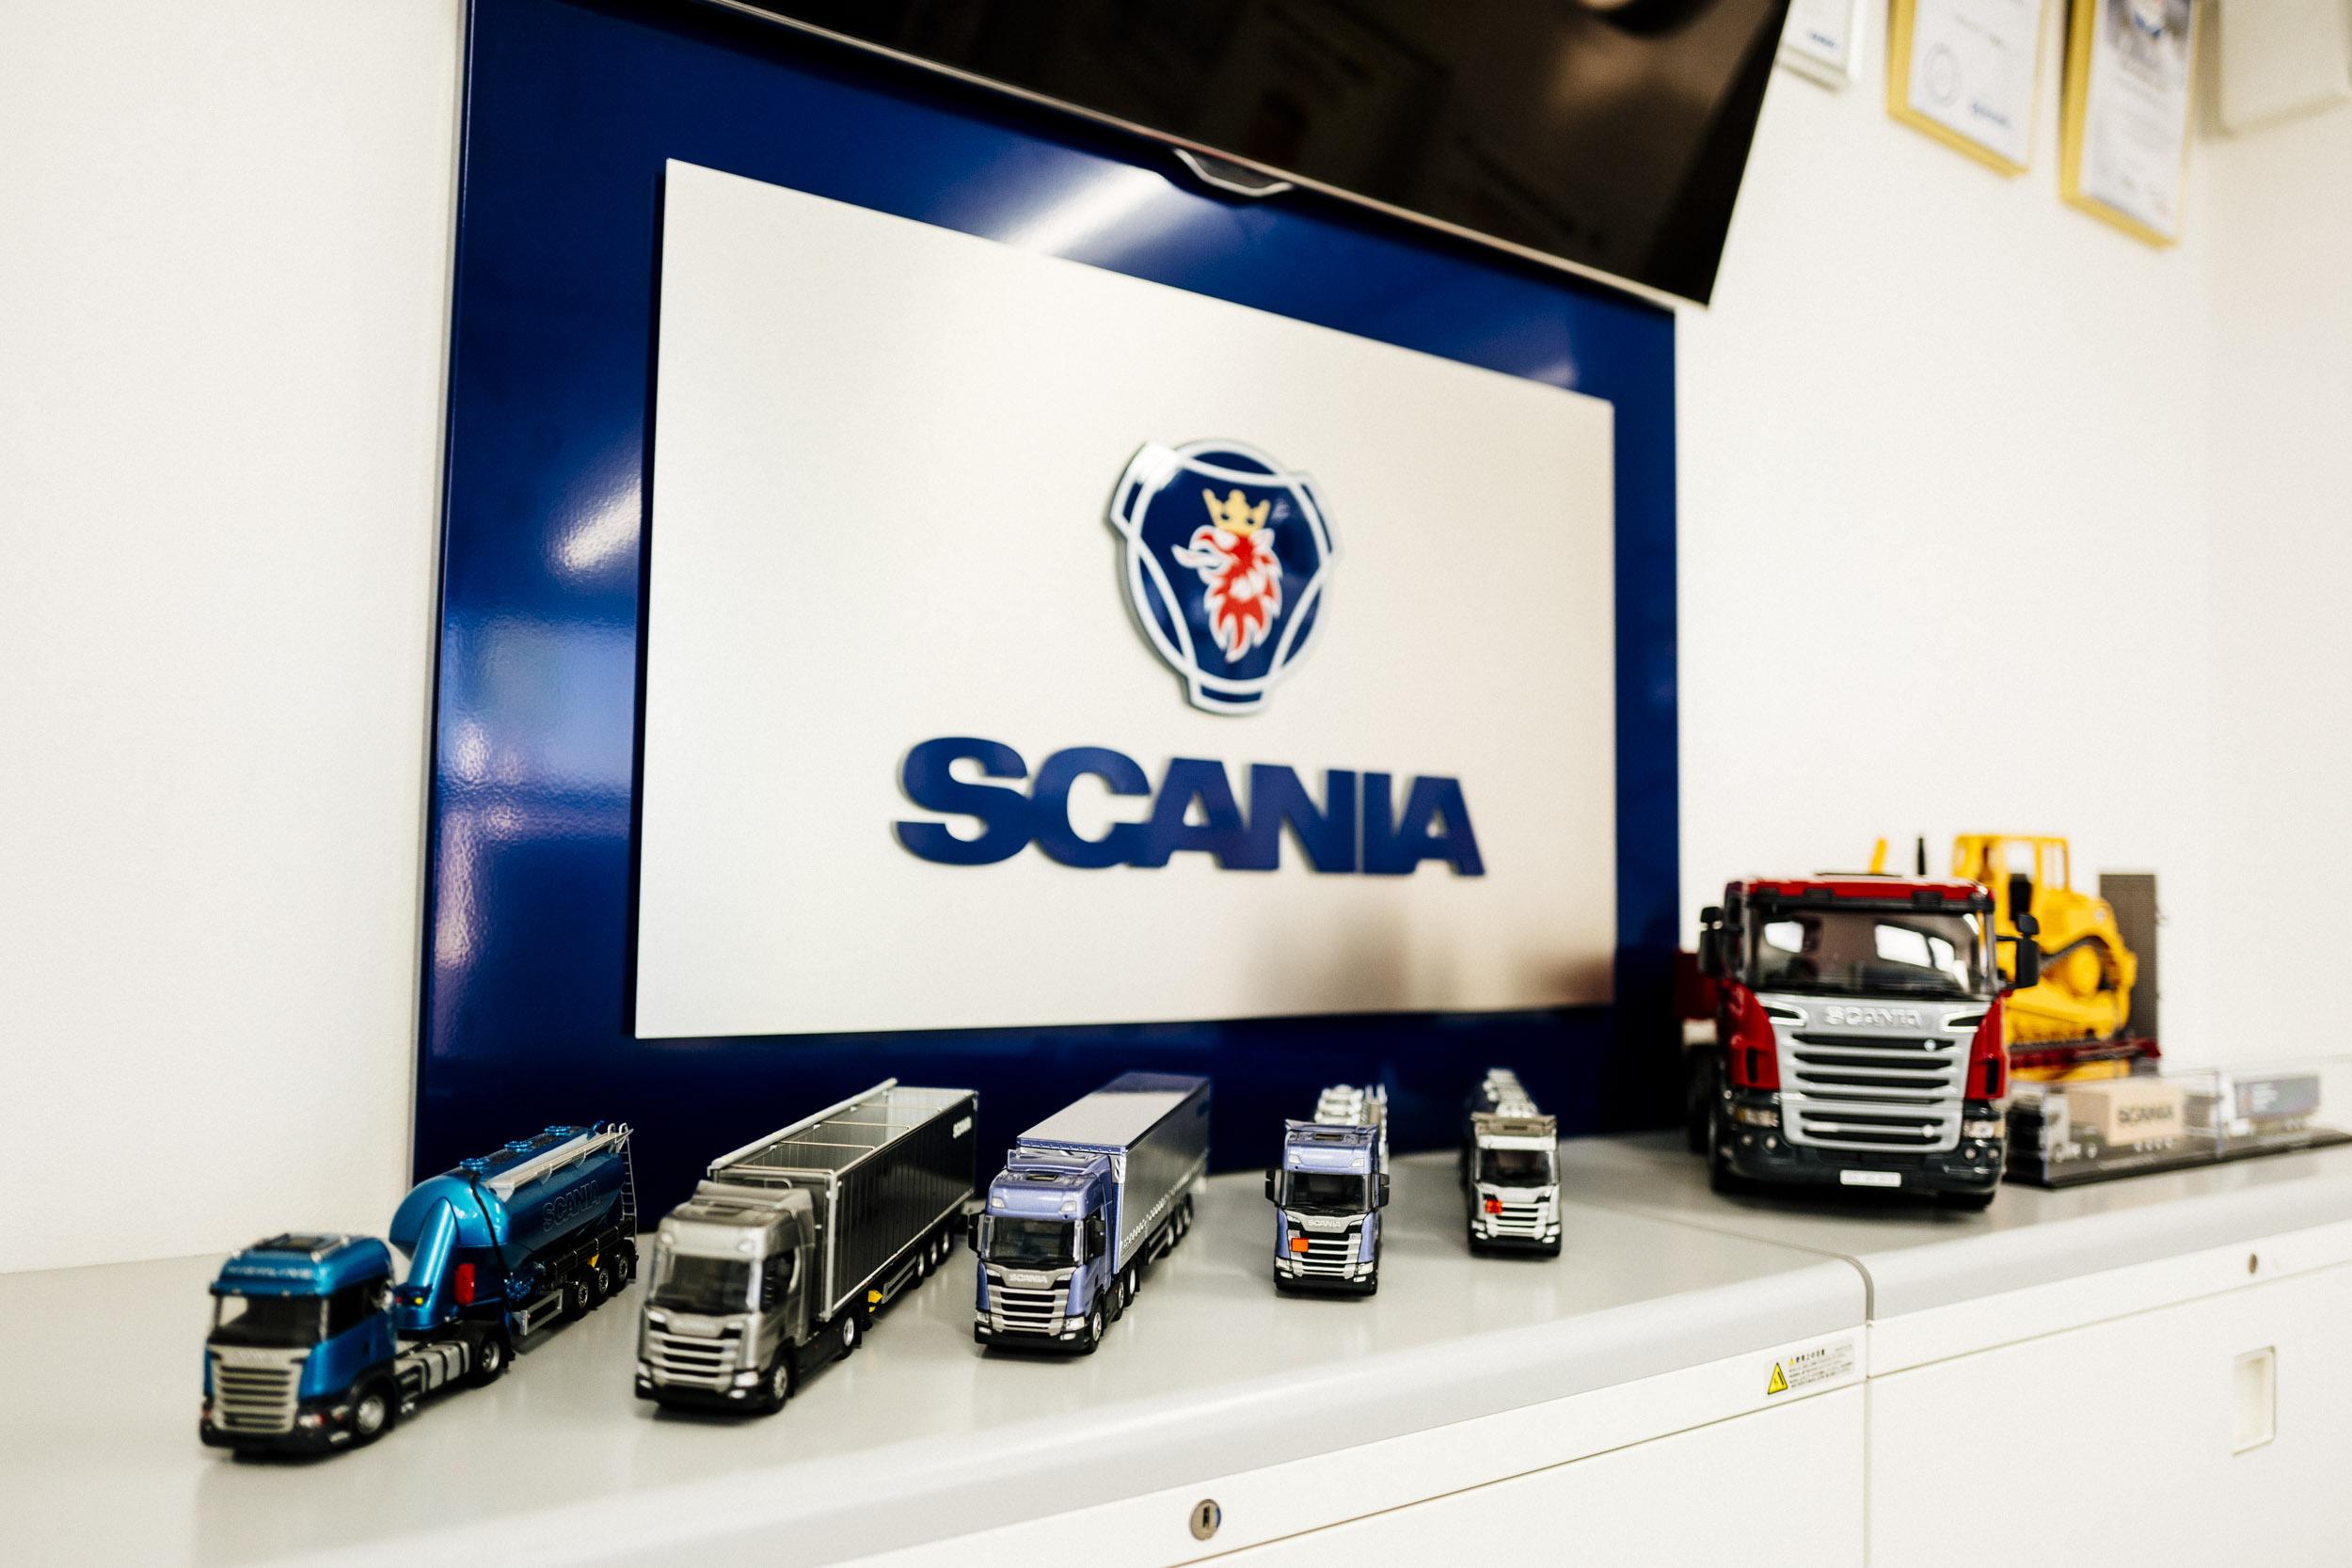 ストイックに技術を探求するサービステクニシャンが目指すのは「スカニア整備の頂点」〜藤代自動車様〜